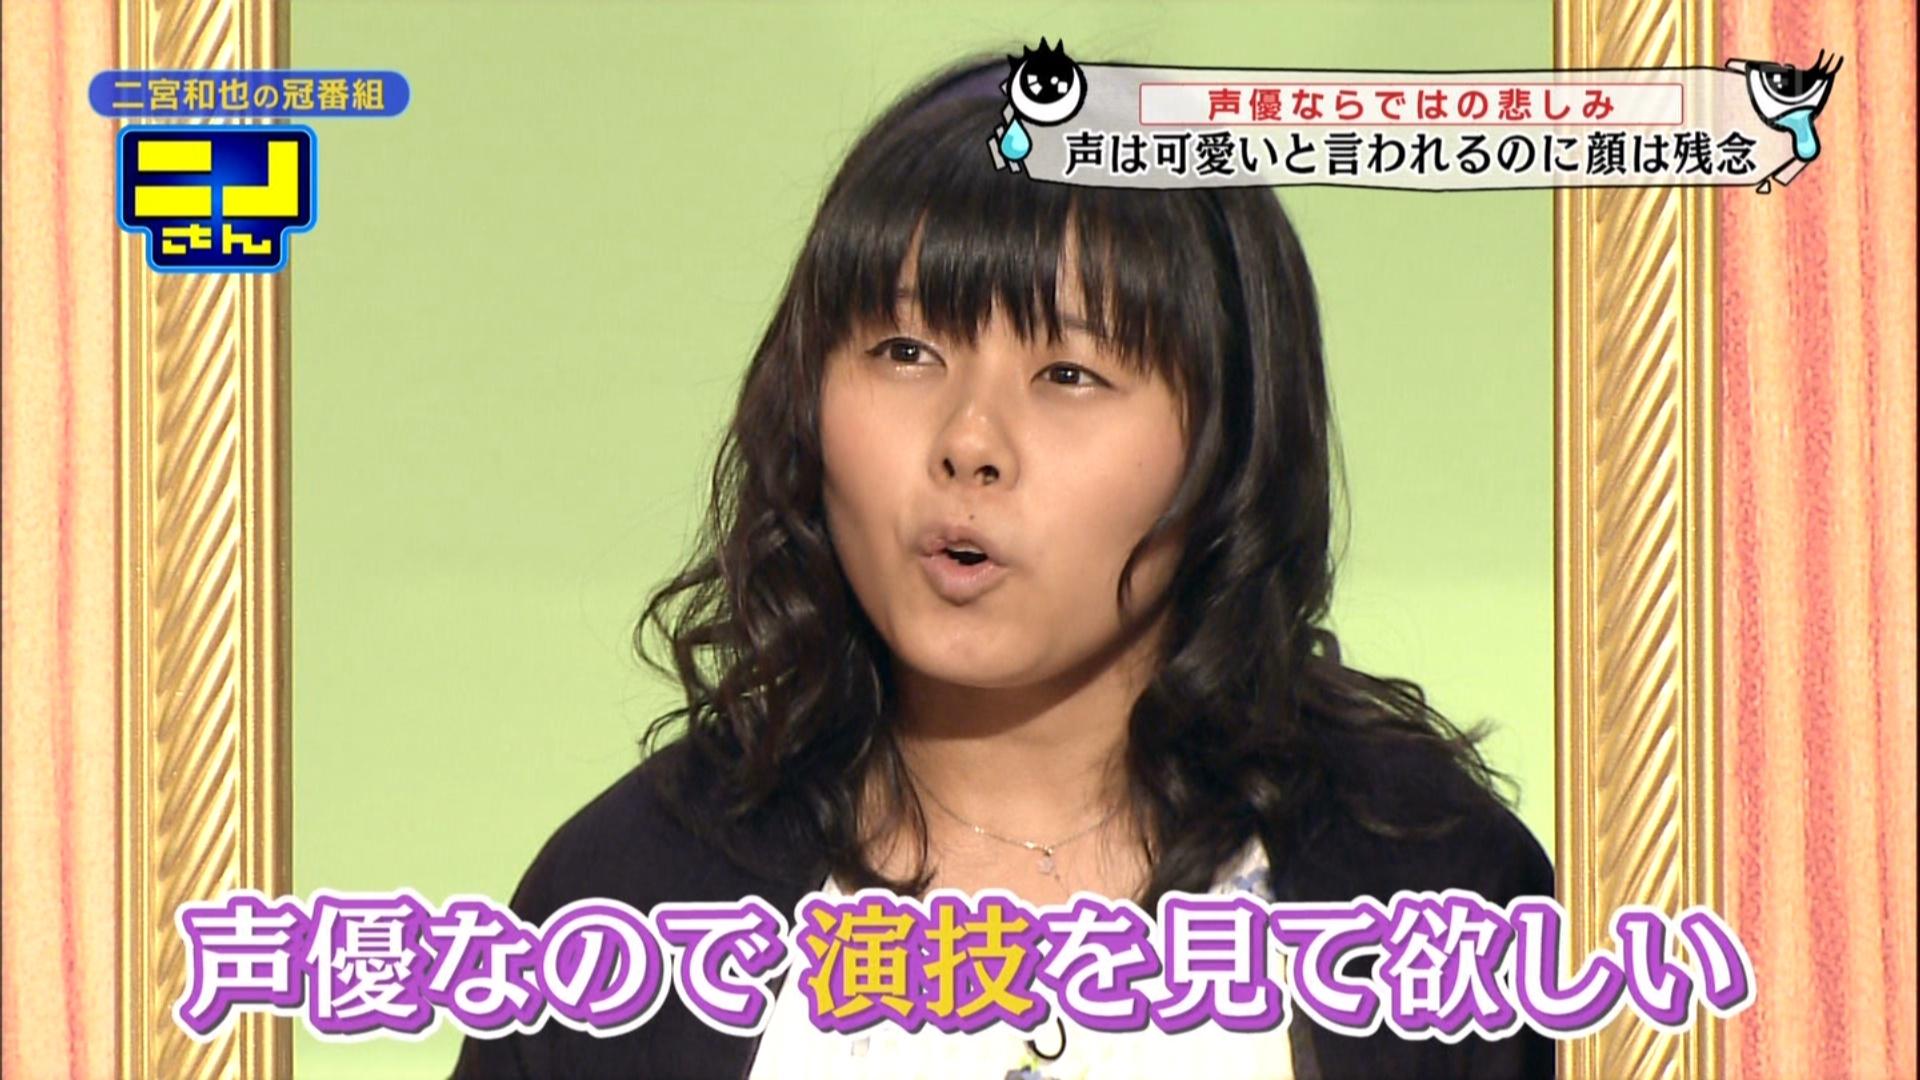 성우 후지이 미나미, 버라이어티 프로그램에서 ..